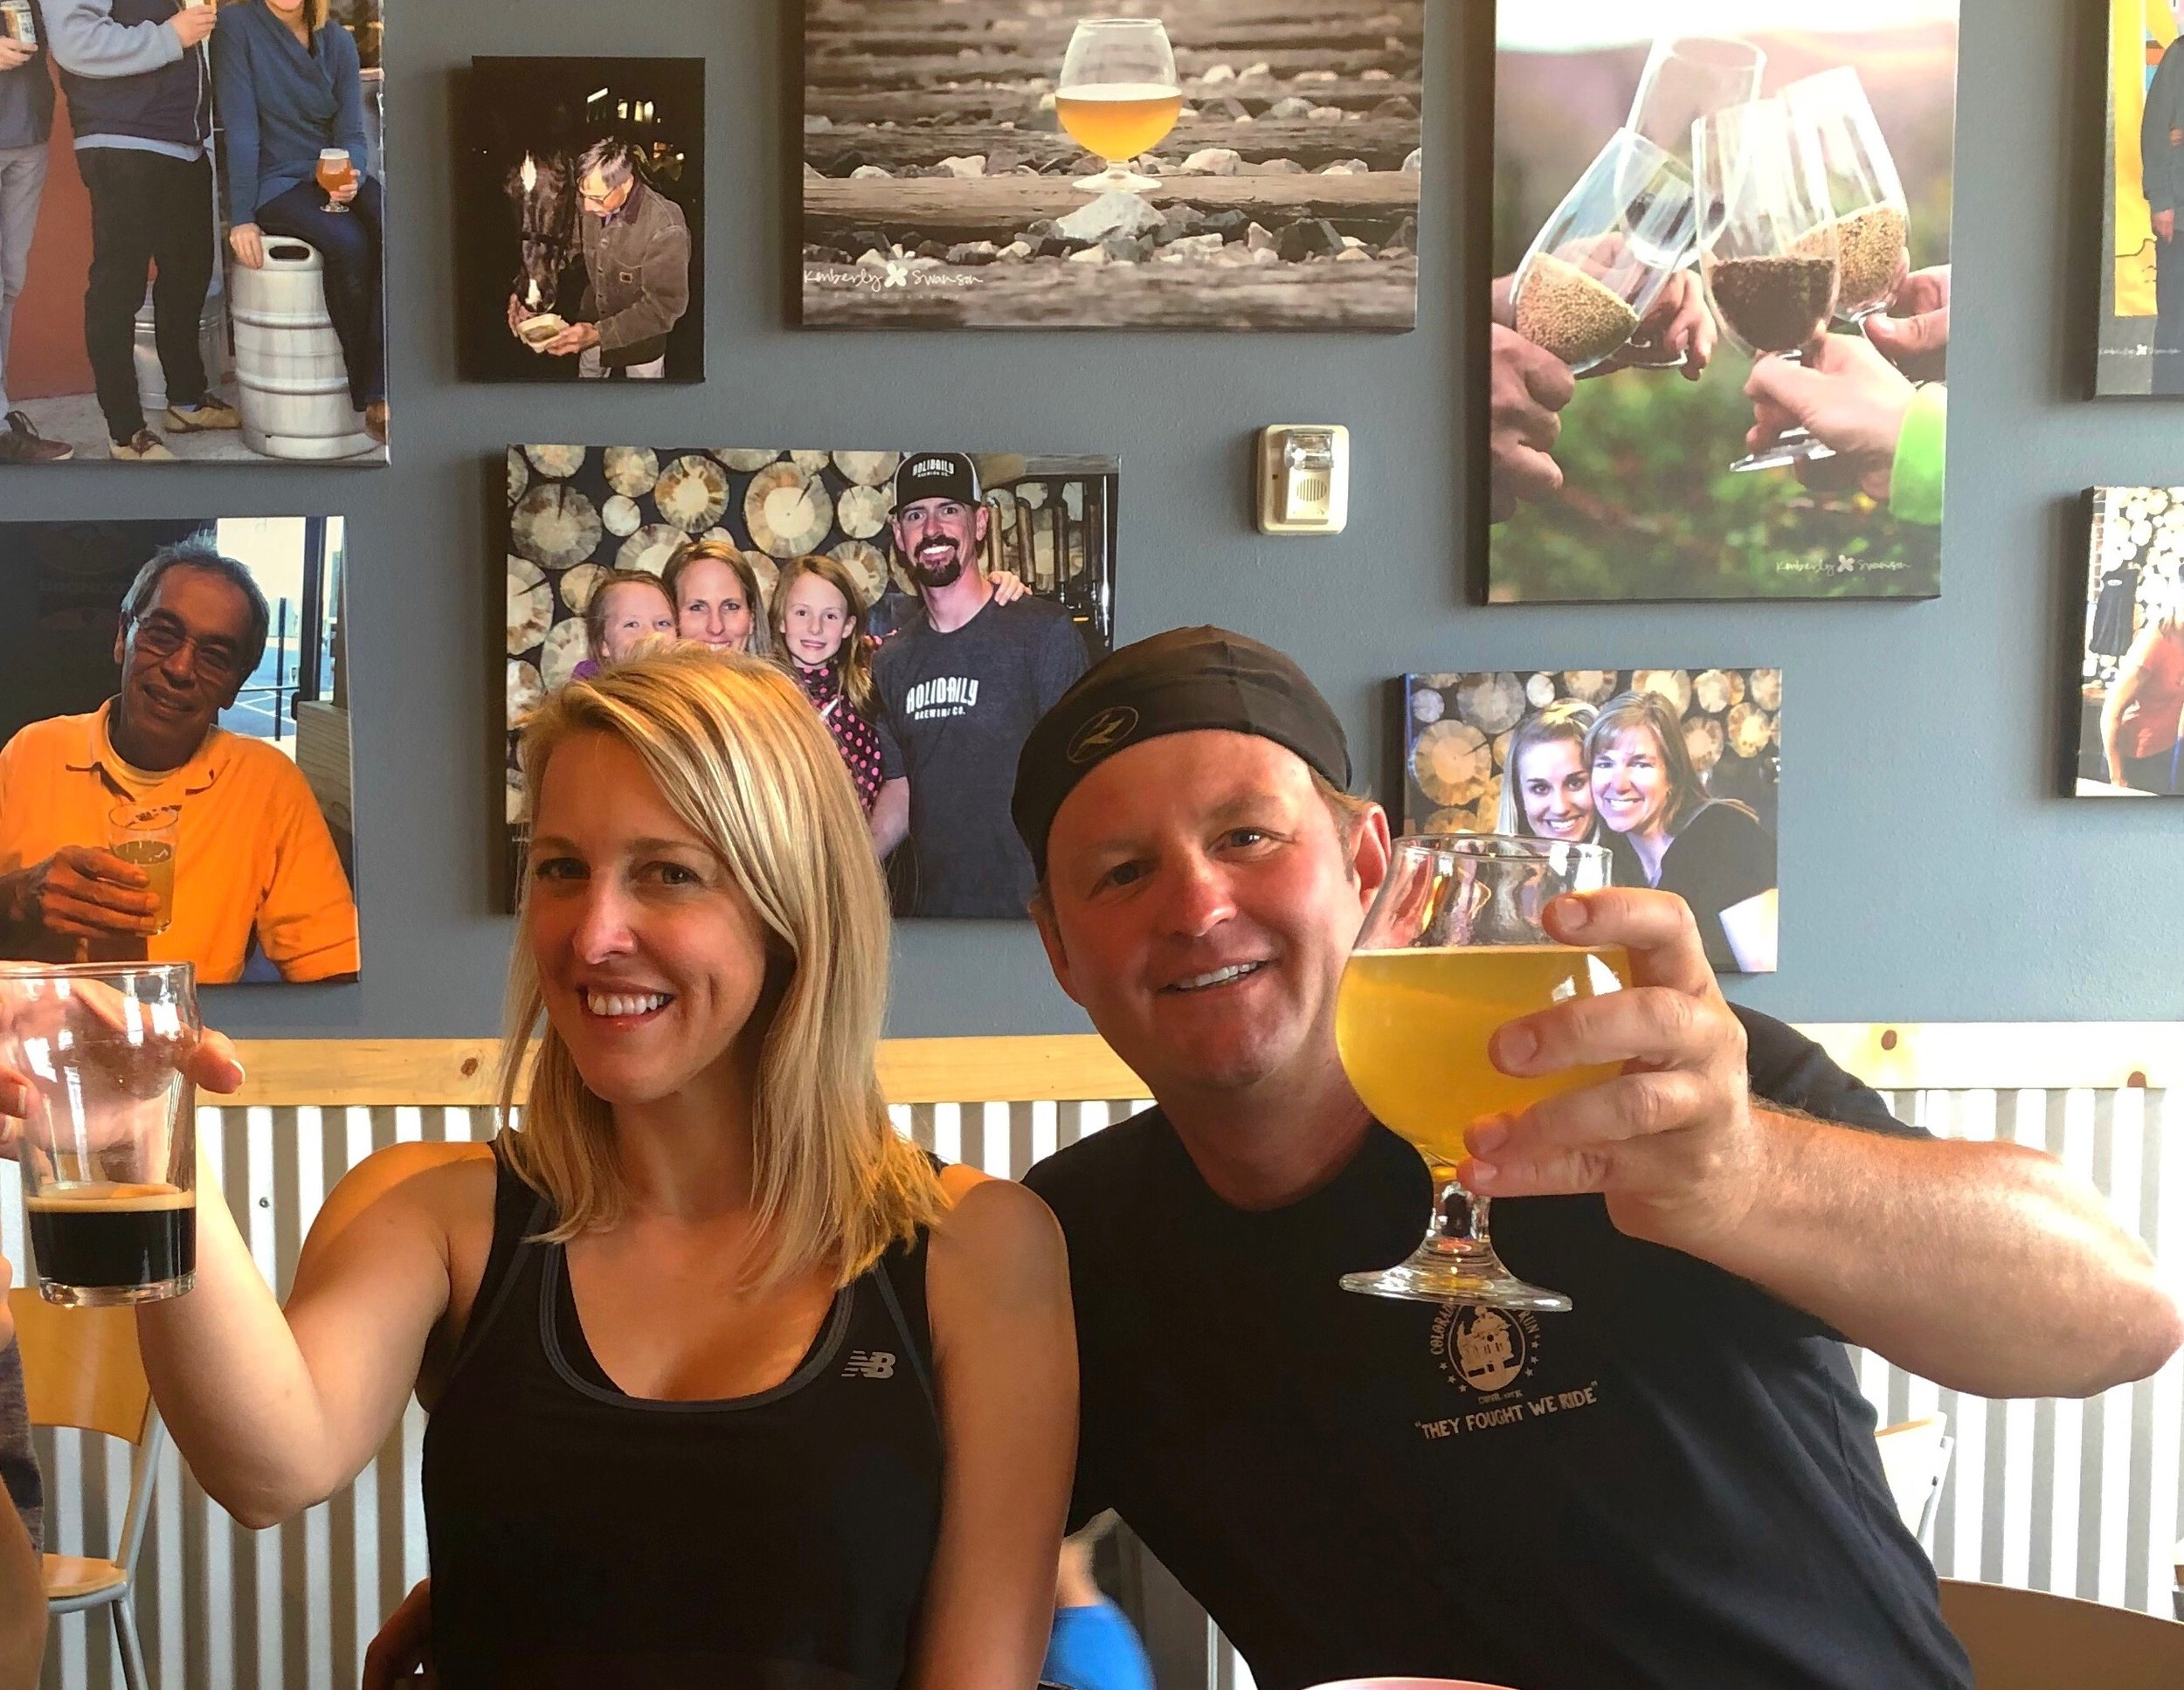 July 22, 2018 Talking Shop at Holidaily Brewing Company